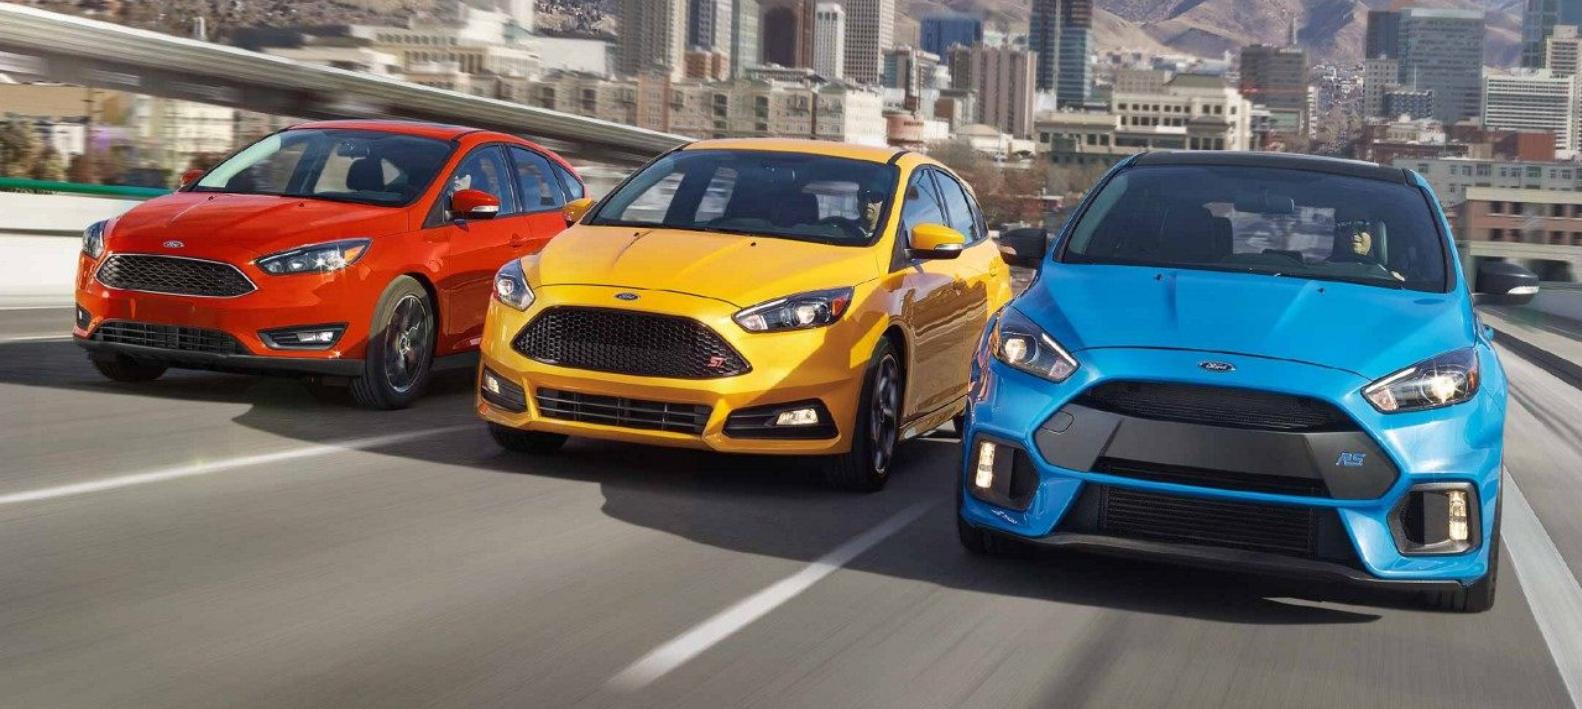 Ford® Focus Deals & Prices - Temecula CA